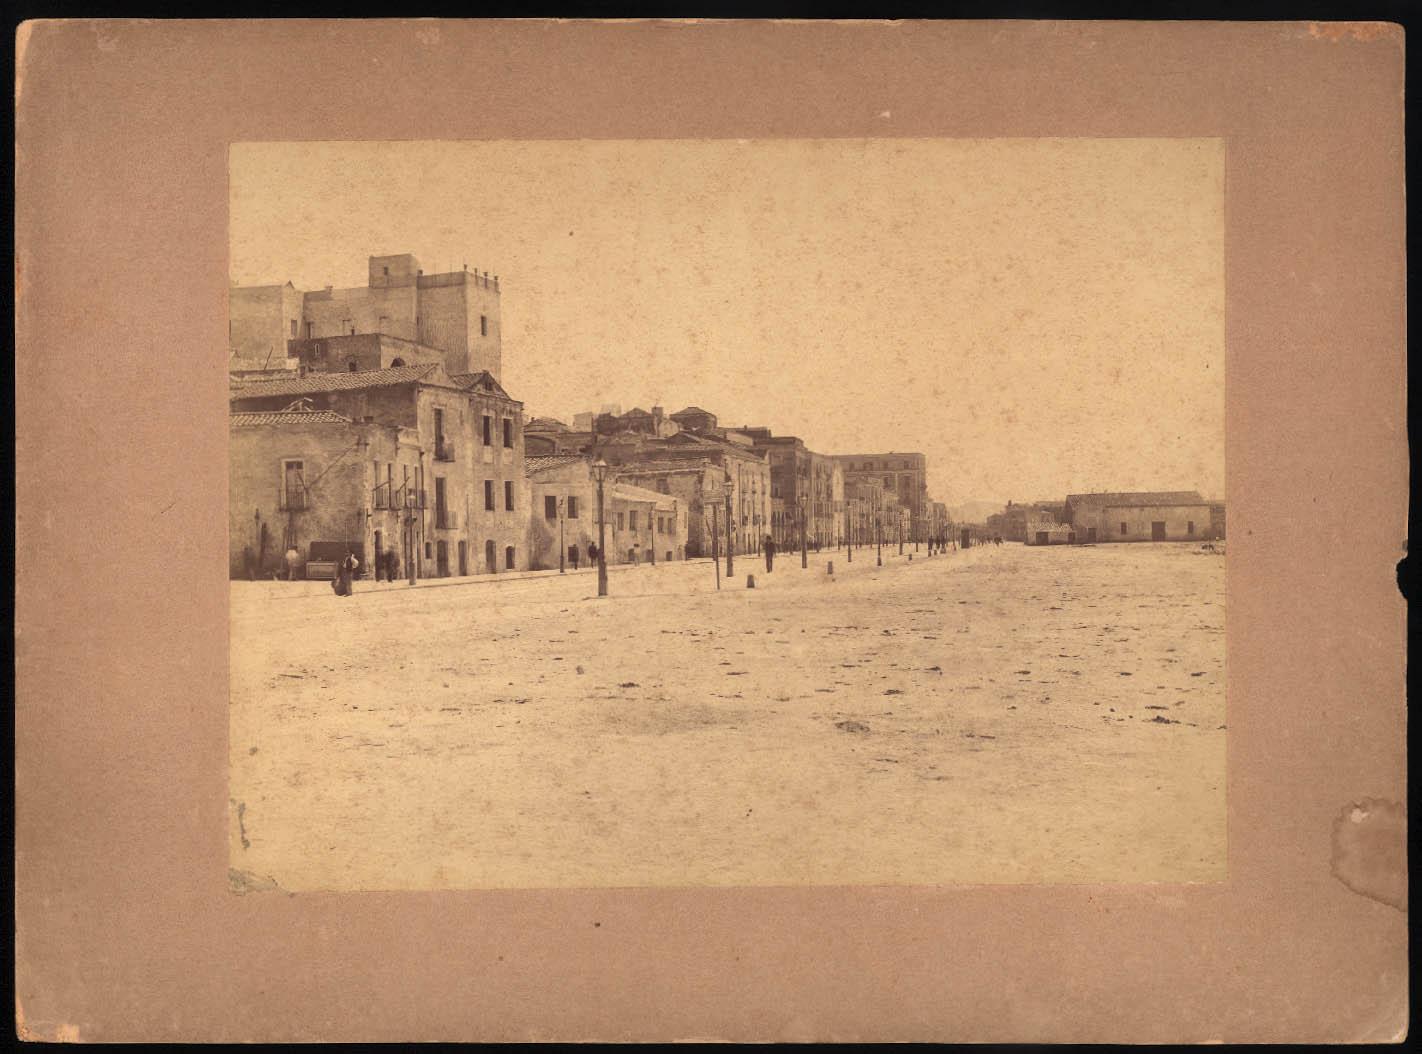 Archivio Comunale - 1880 - Topografia_jpg_foto 0004